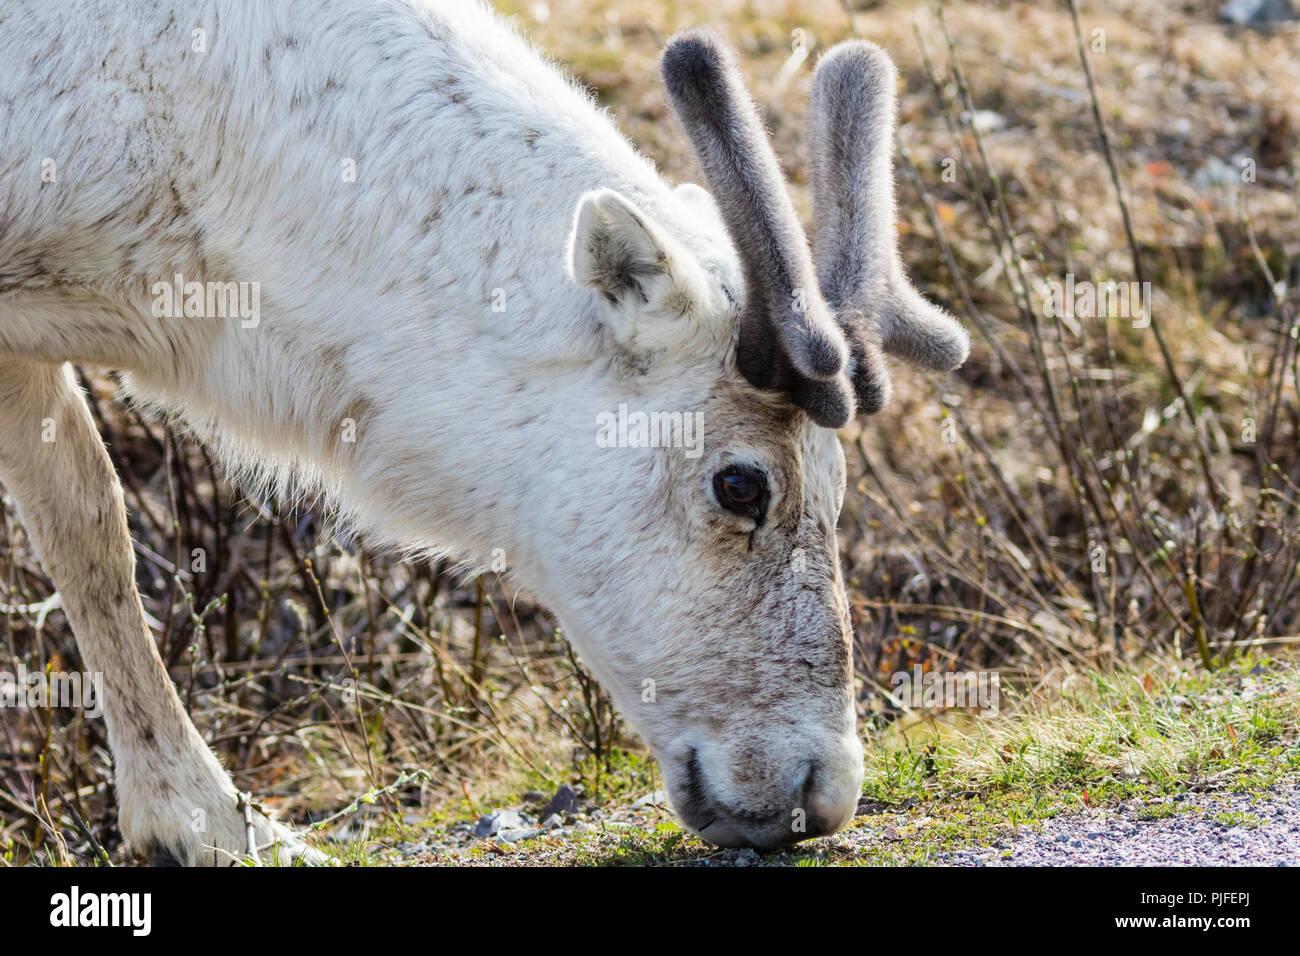 Bianco di renne, Rangifer tarandus in piedi con la testa rivolta verso il basso in cerca di cibo, Stora sjöfallets national park, Gällivare county, Lapponia svedese, Svezia Immagini Stock